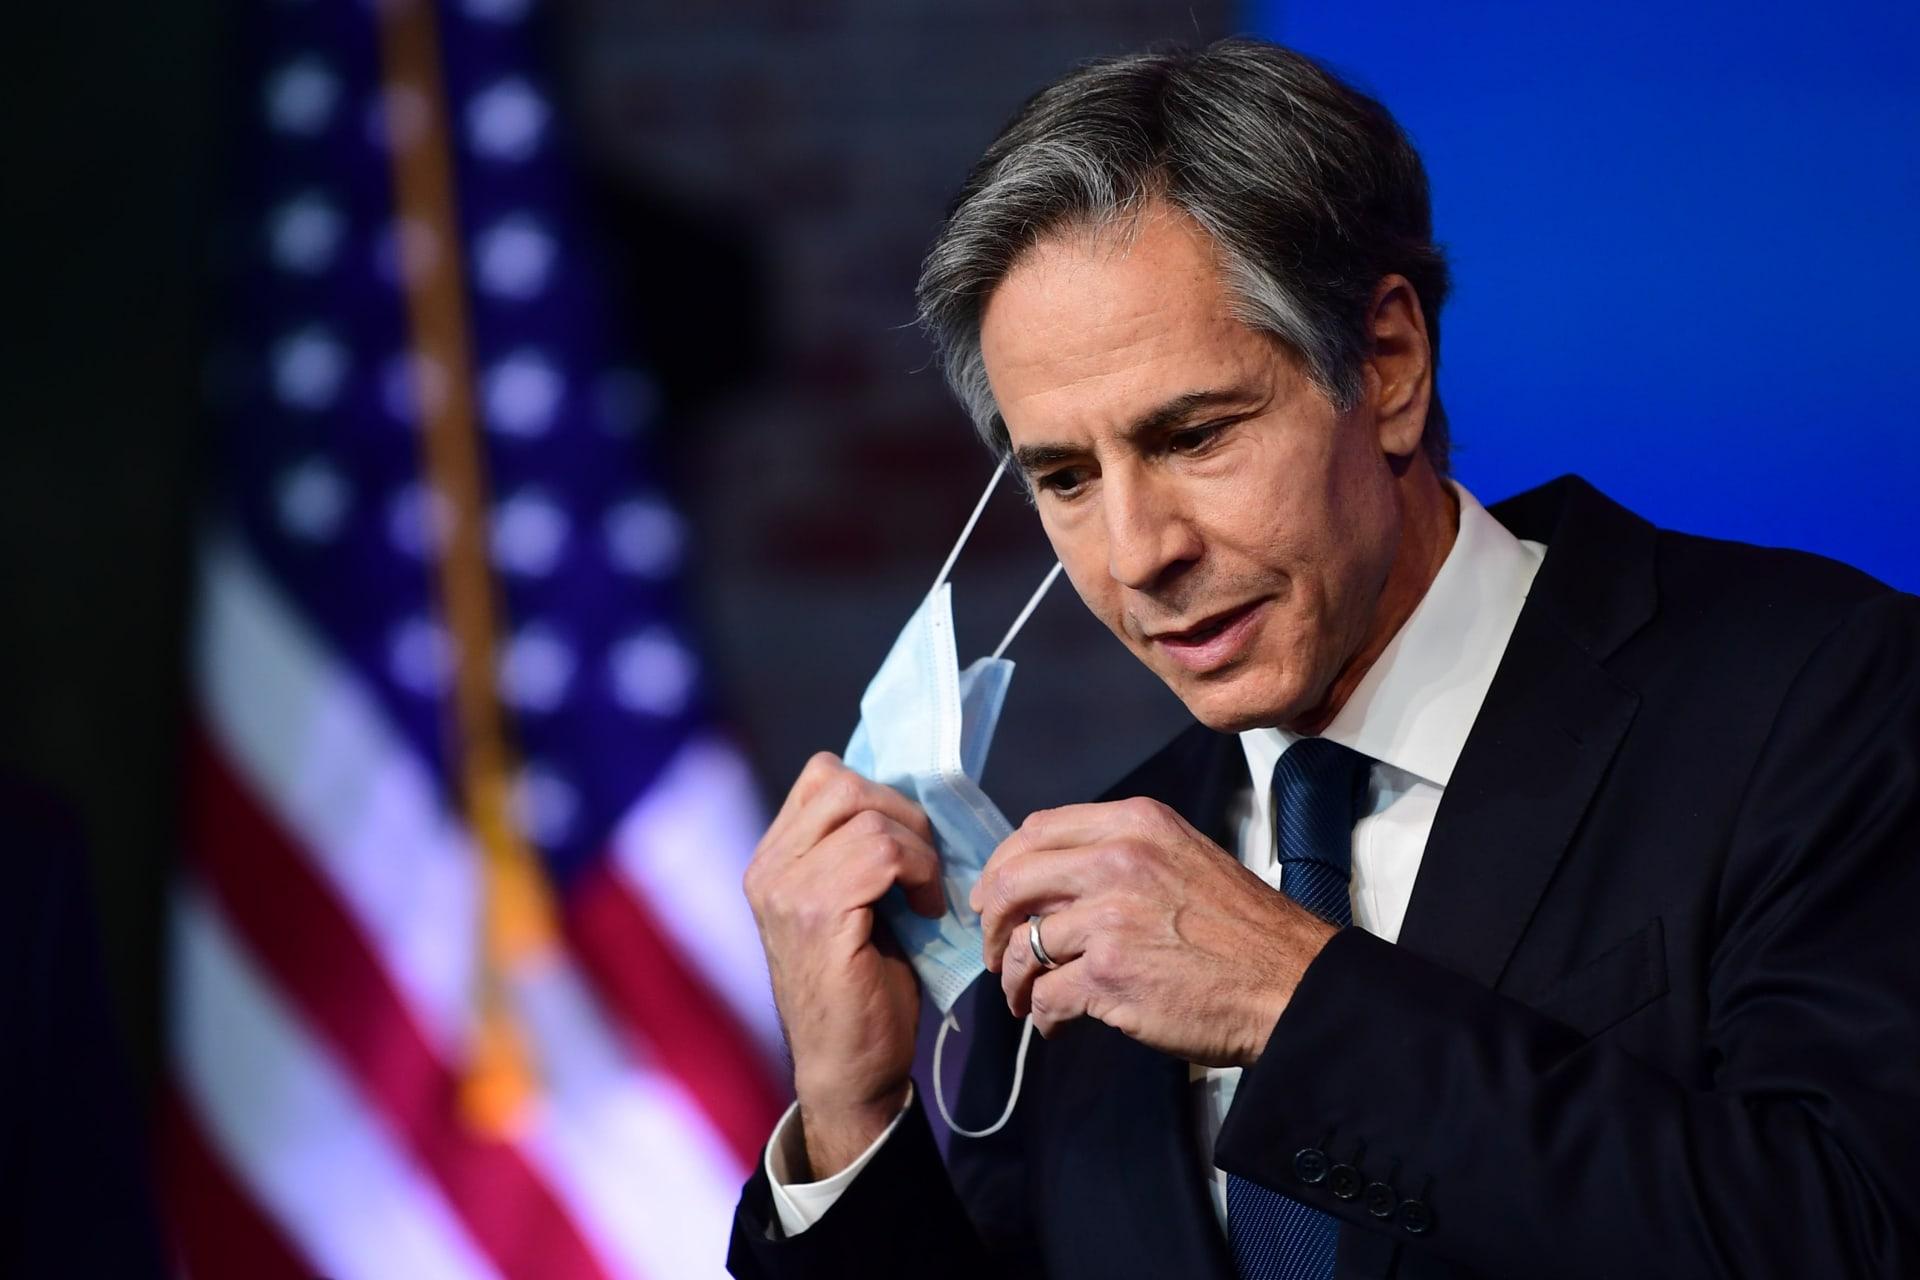 """وزير الخارجية الأمريكي: الرد على استهداف إيران لناقلة النفط سيكون """"جماعيا"""""""